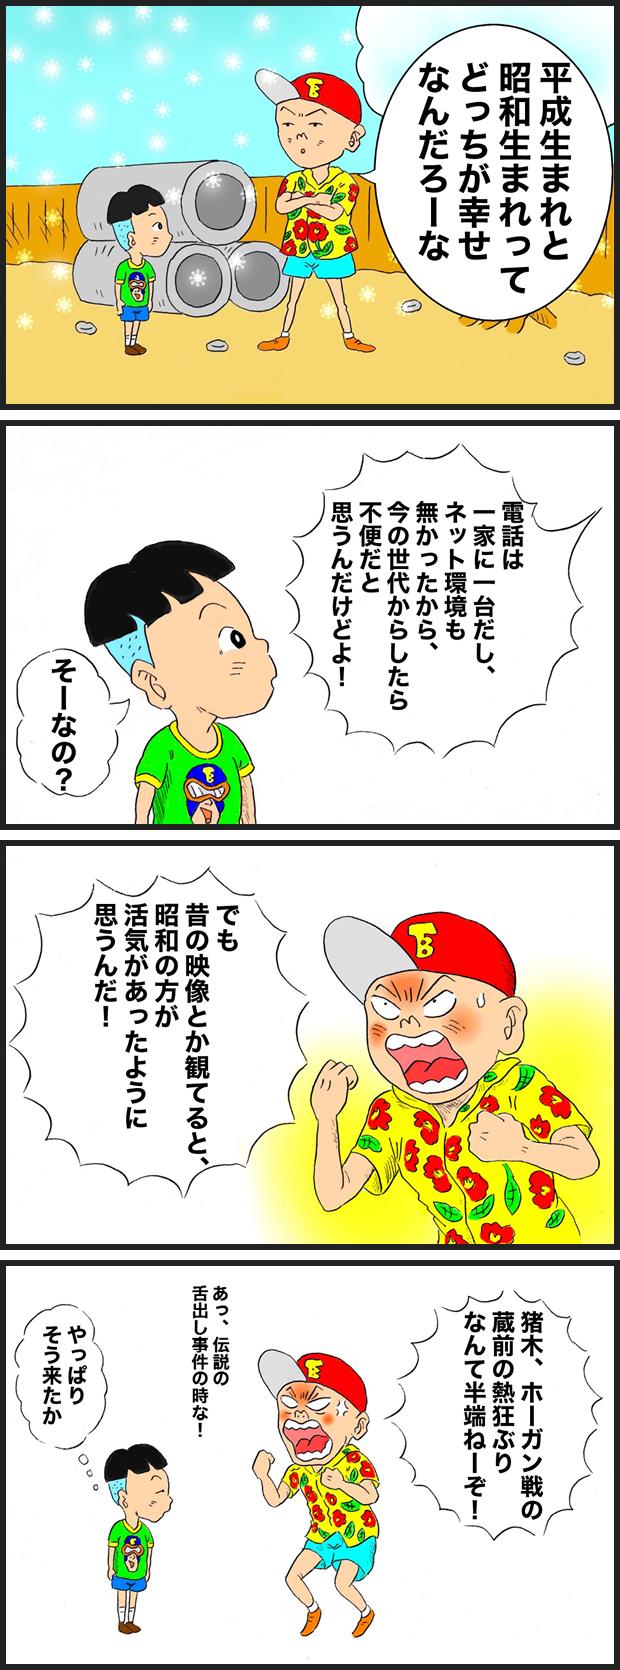 331 昭和生まれ